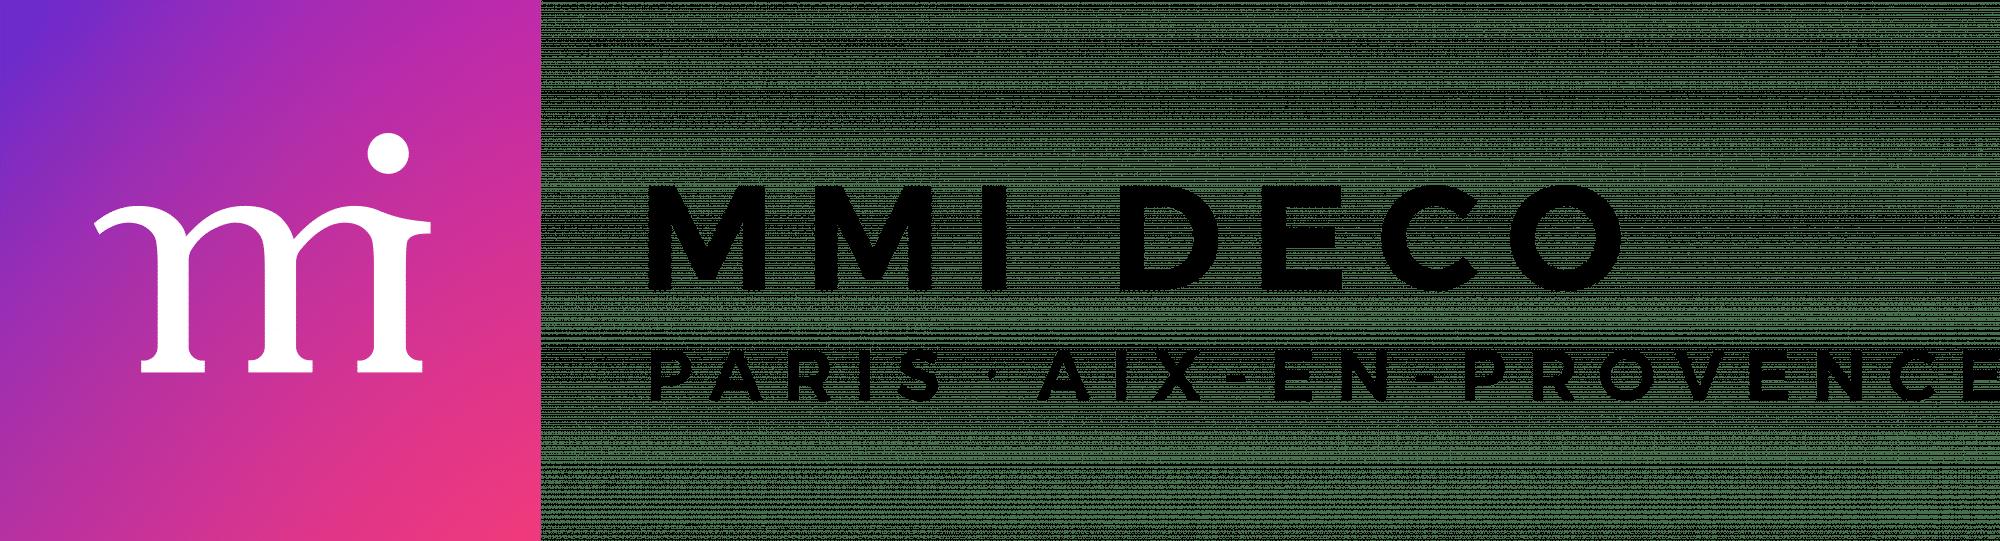 logo texte couleur